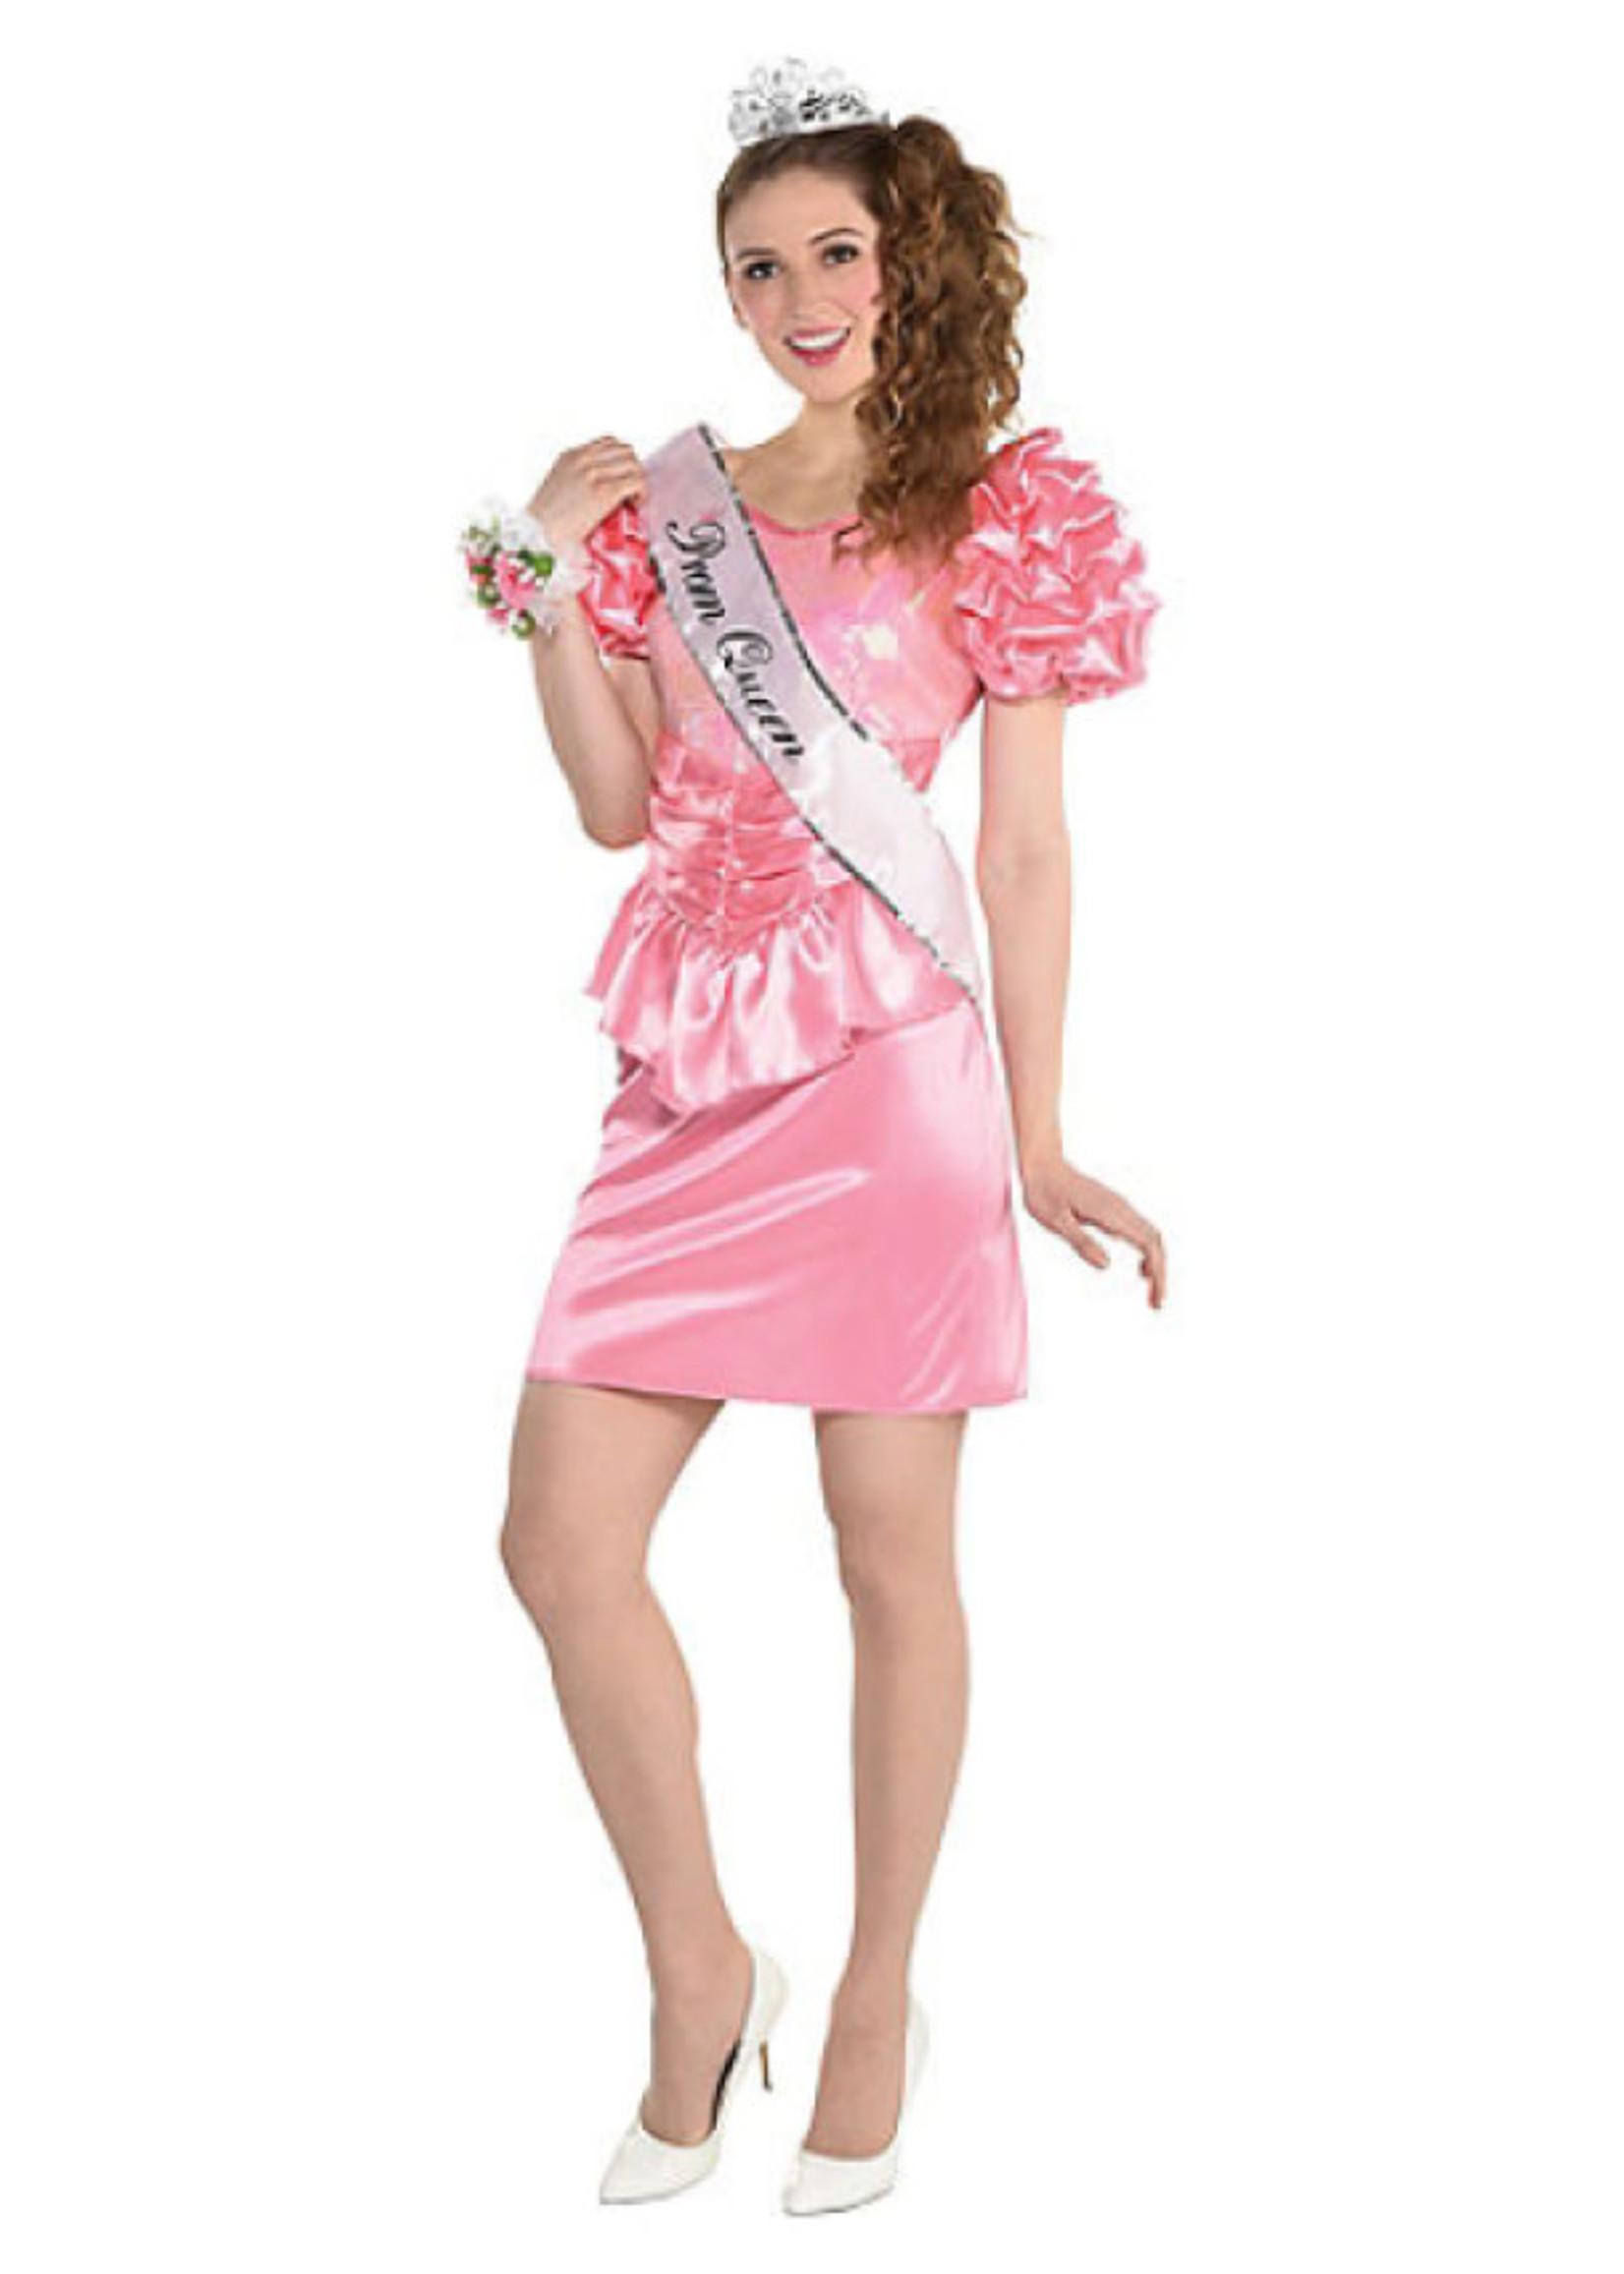 80's Prom Queen Dress Costume - Women's